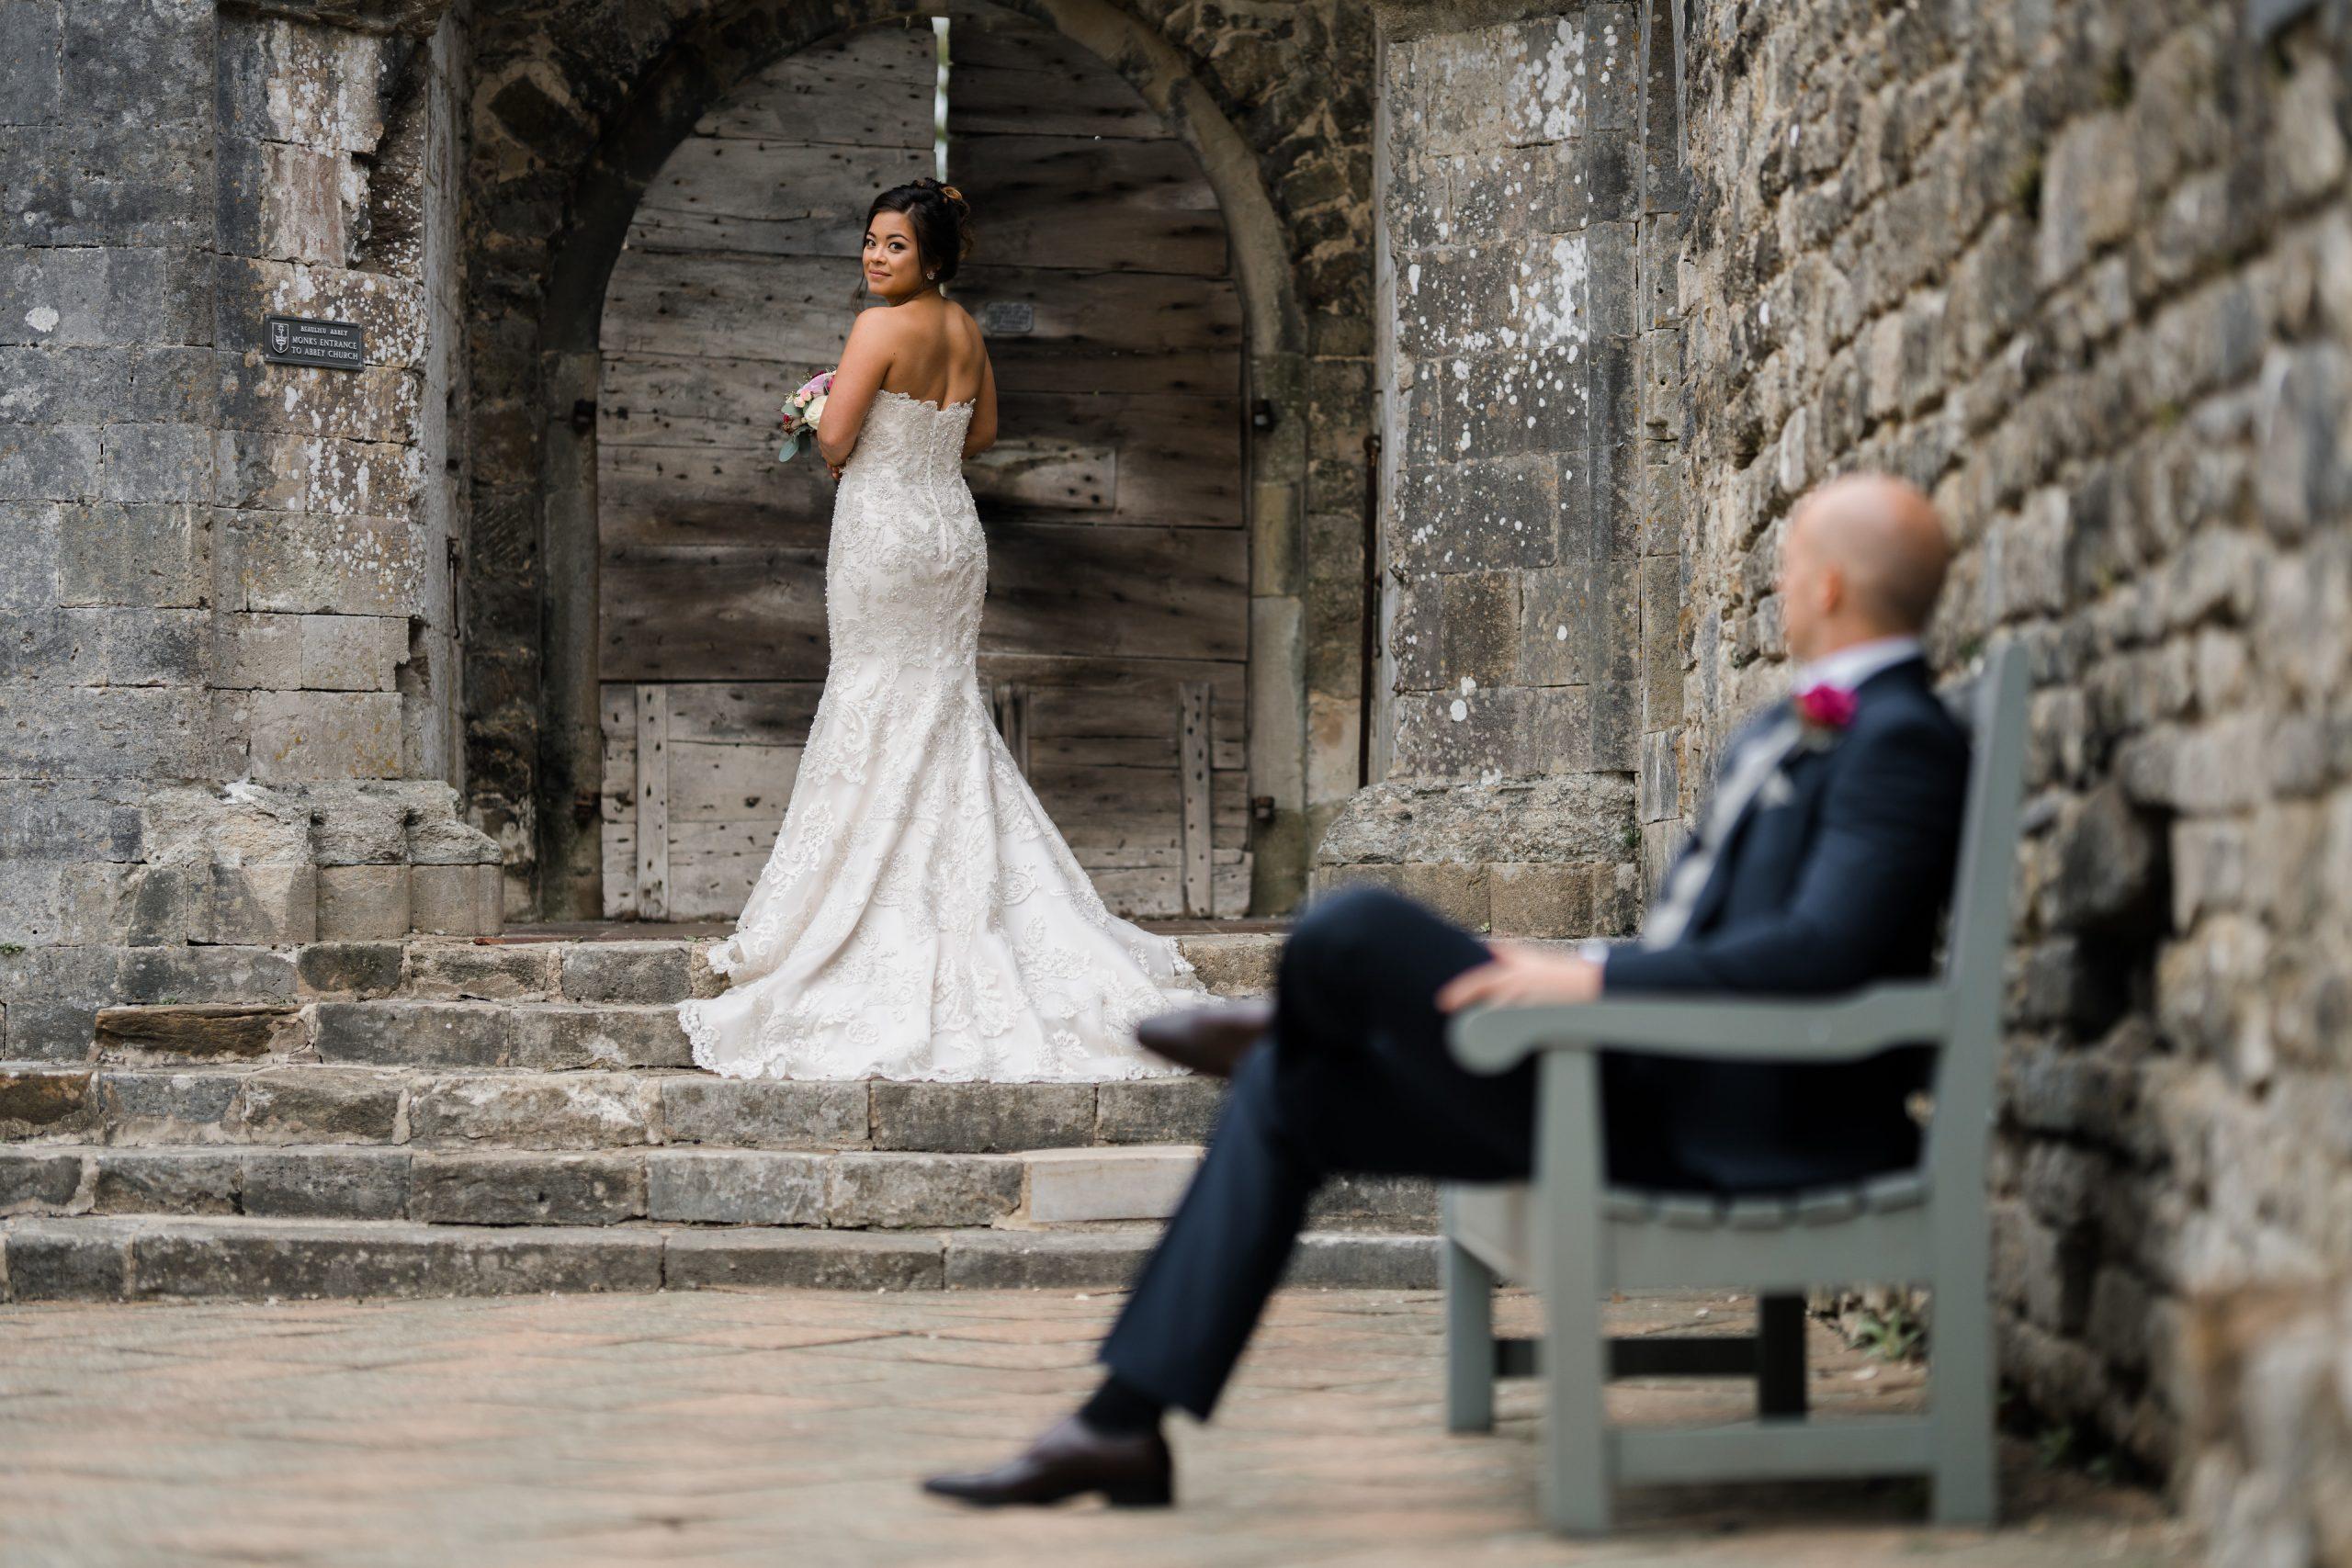 Bride and groom wedding photo - Wedding Photographers Netherlands